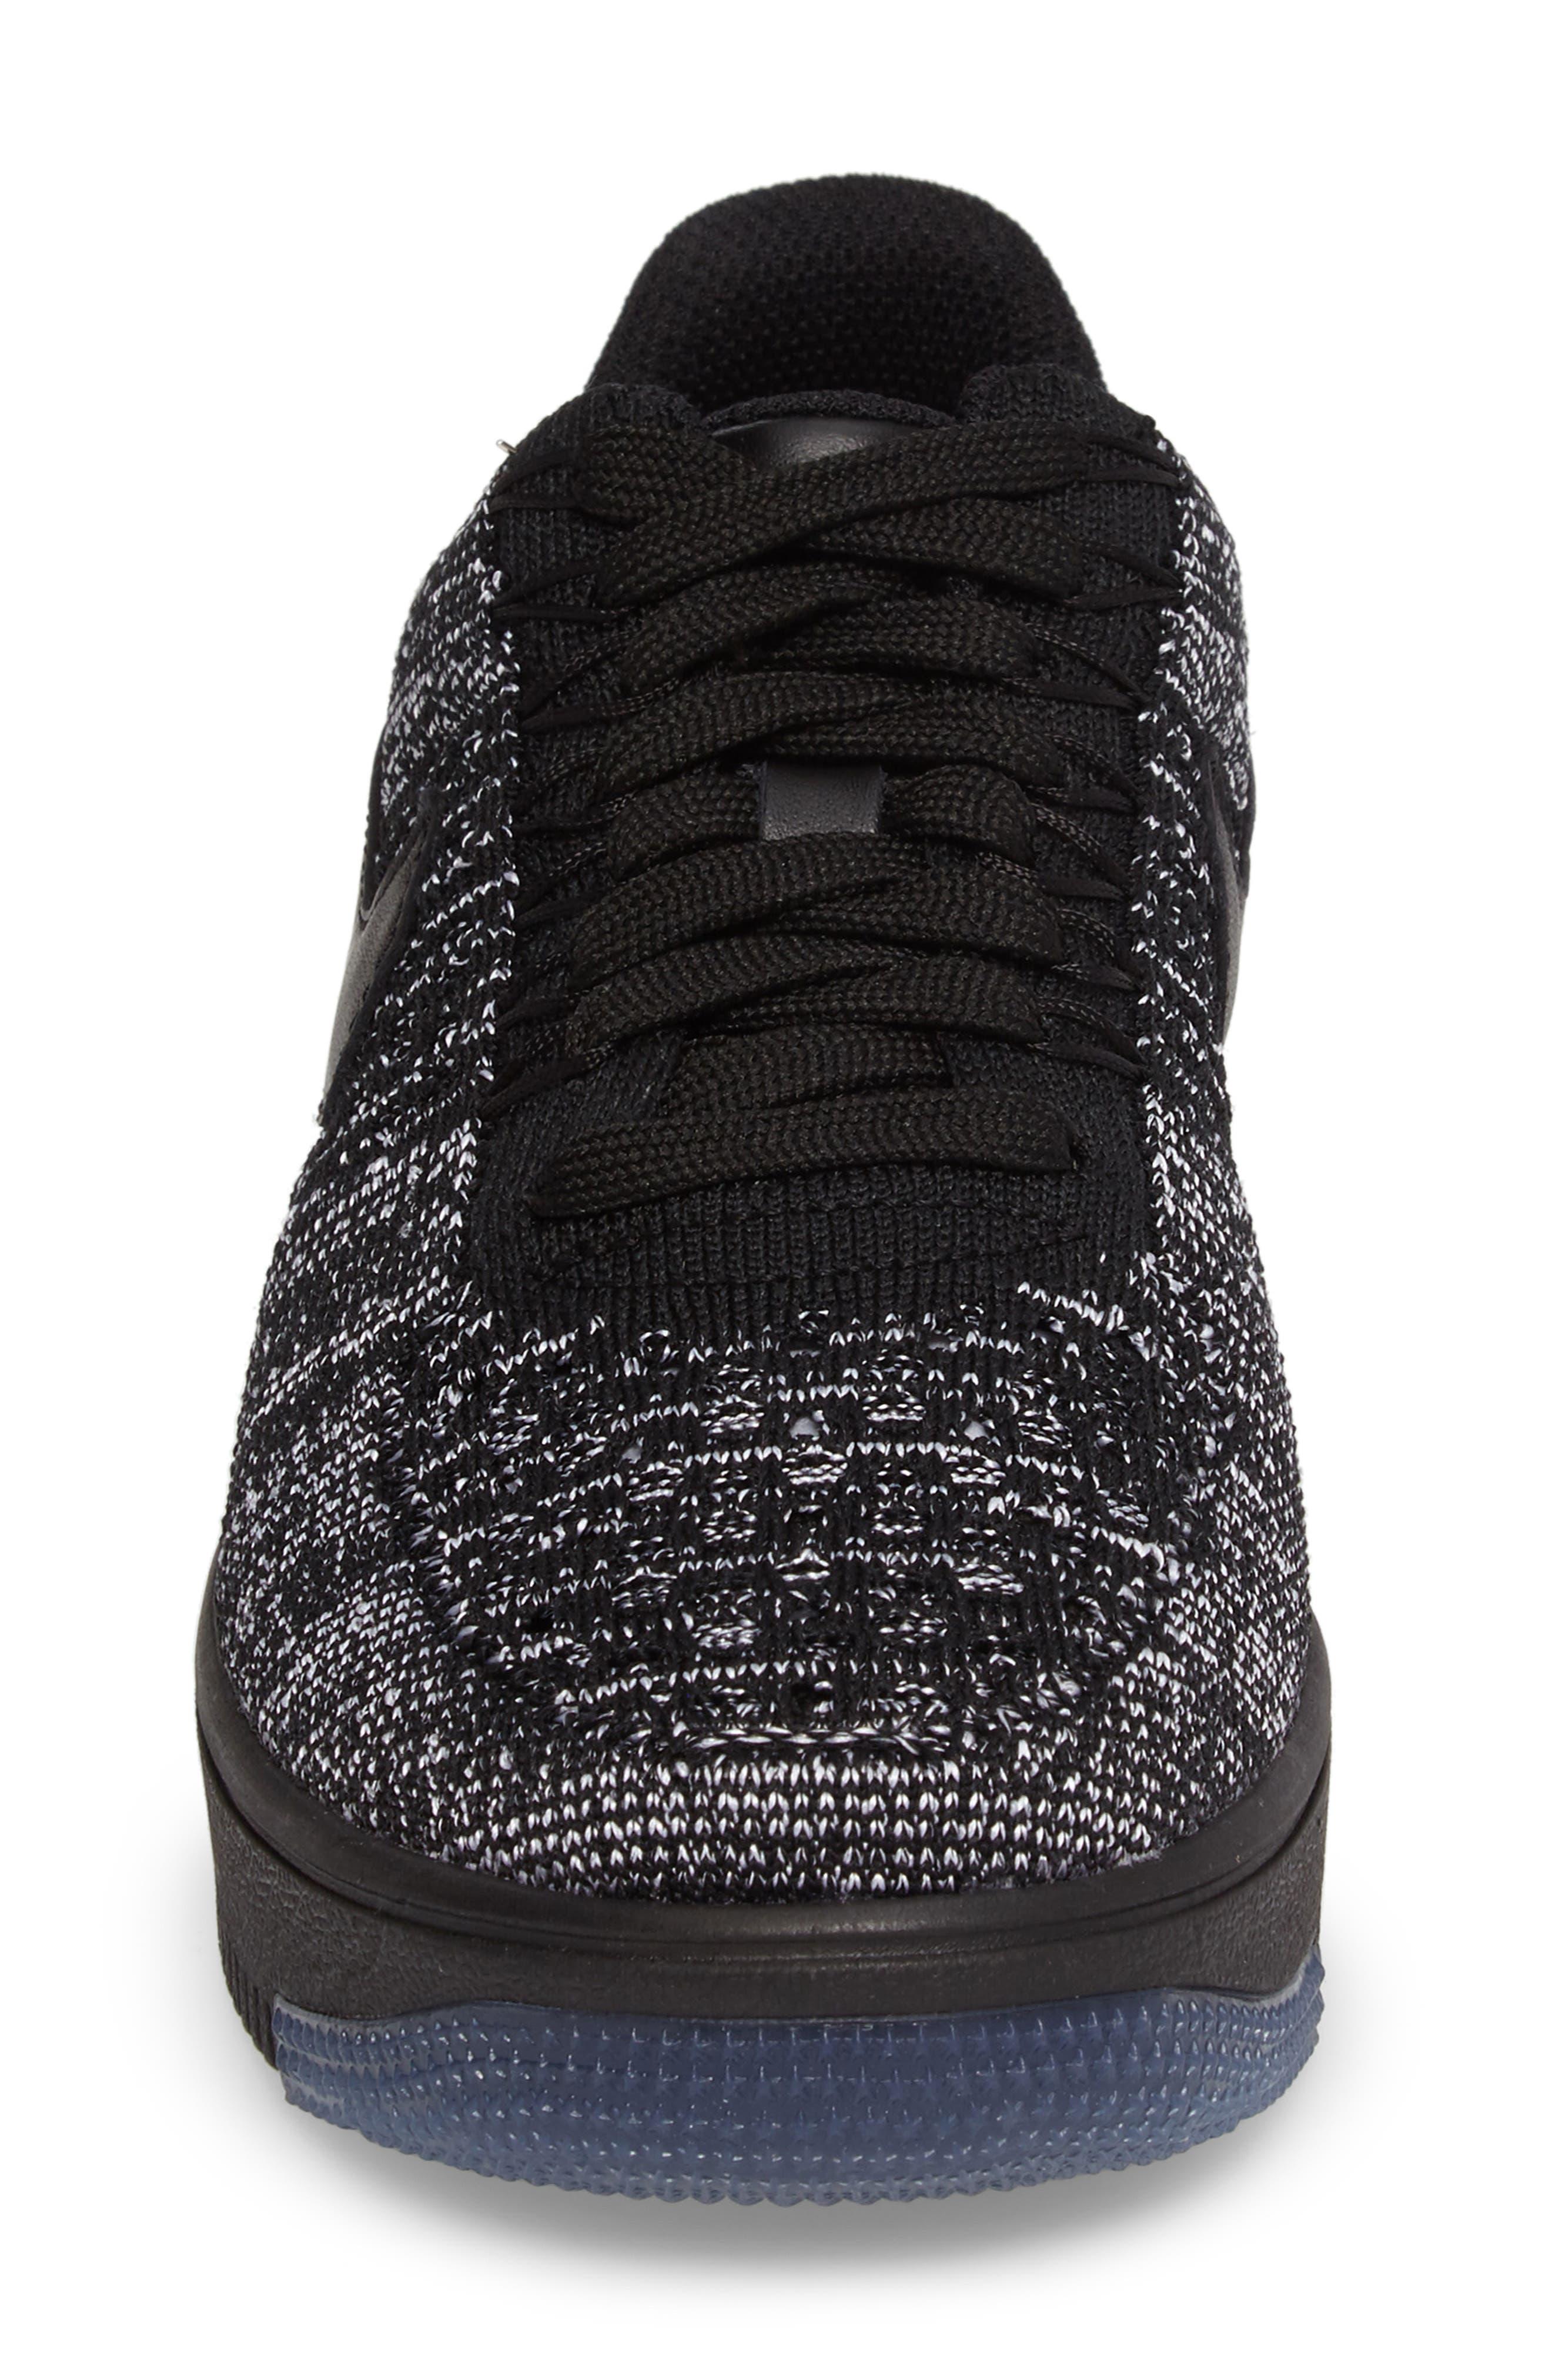 Alternate Image 4  - Nike 'Air Force 1 Flyknit Low' Sneaker (Women)